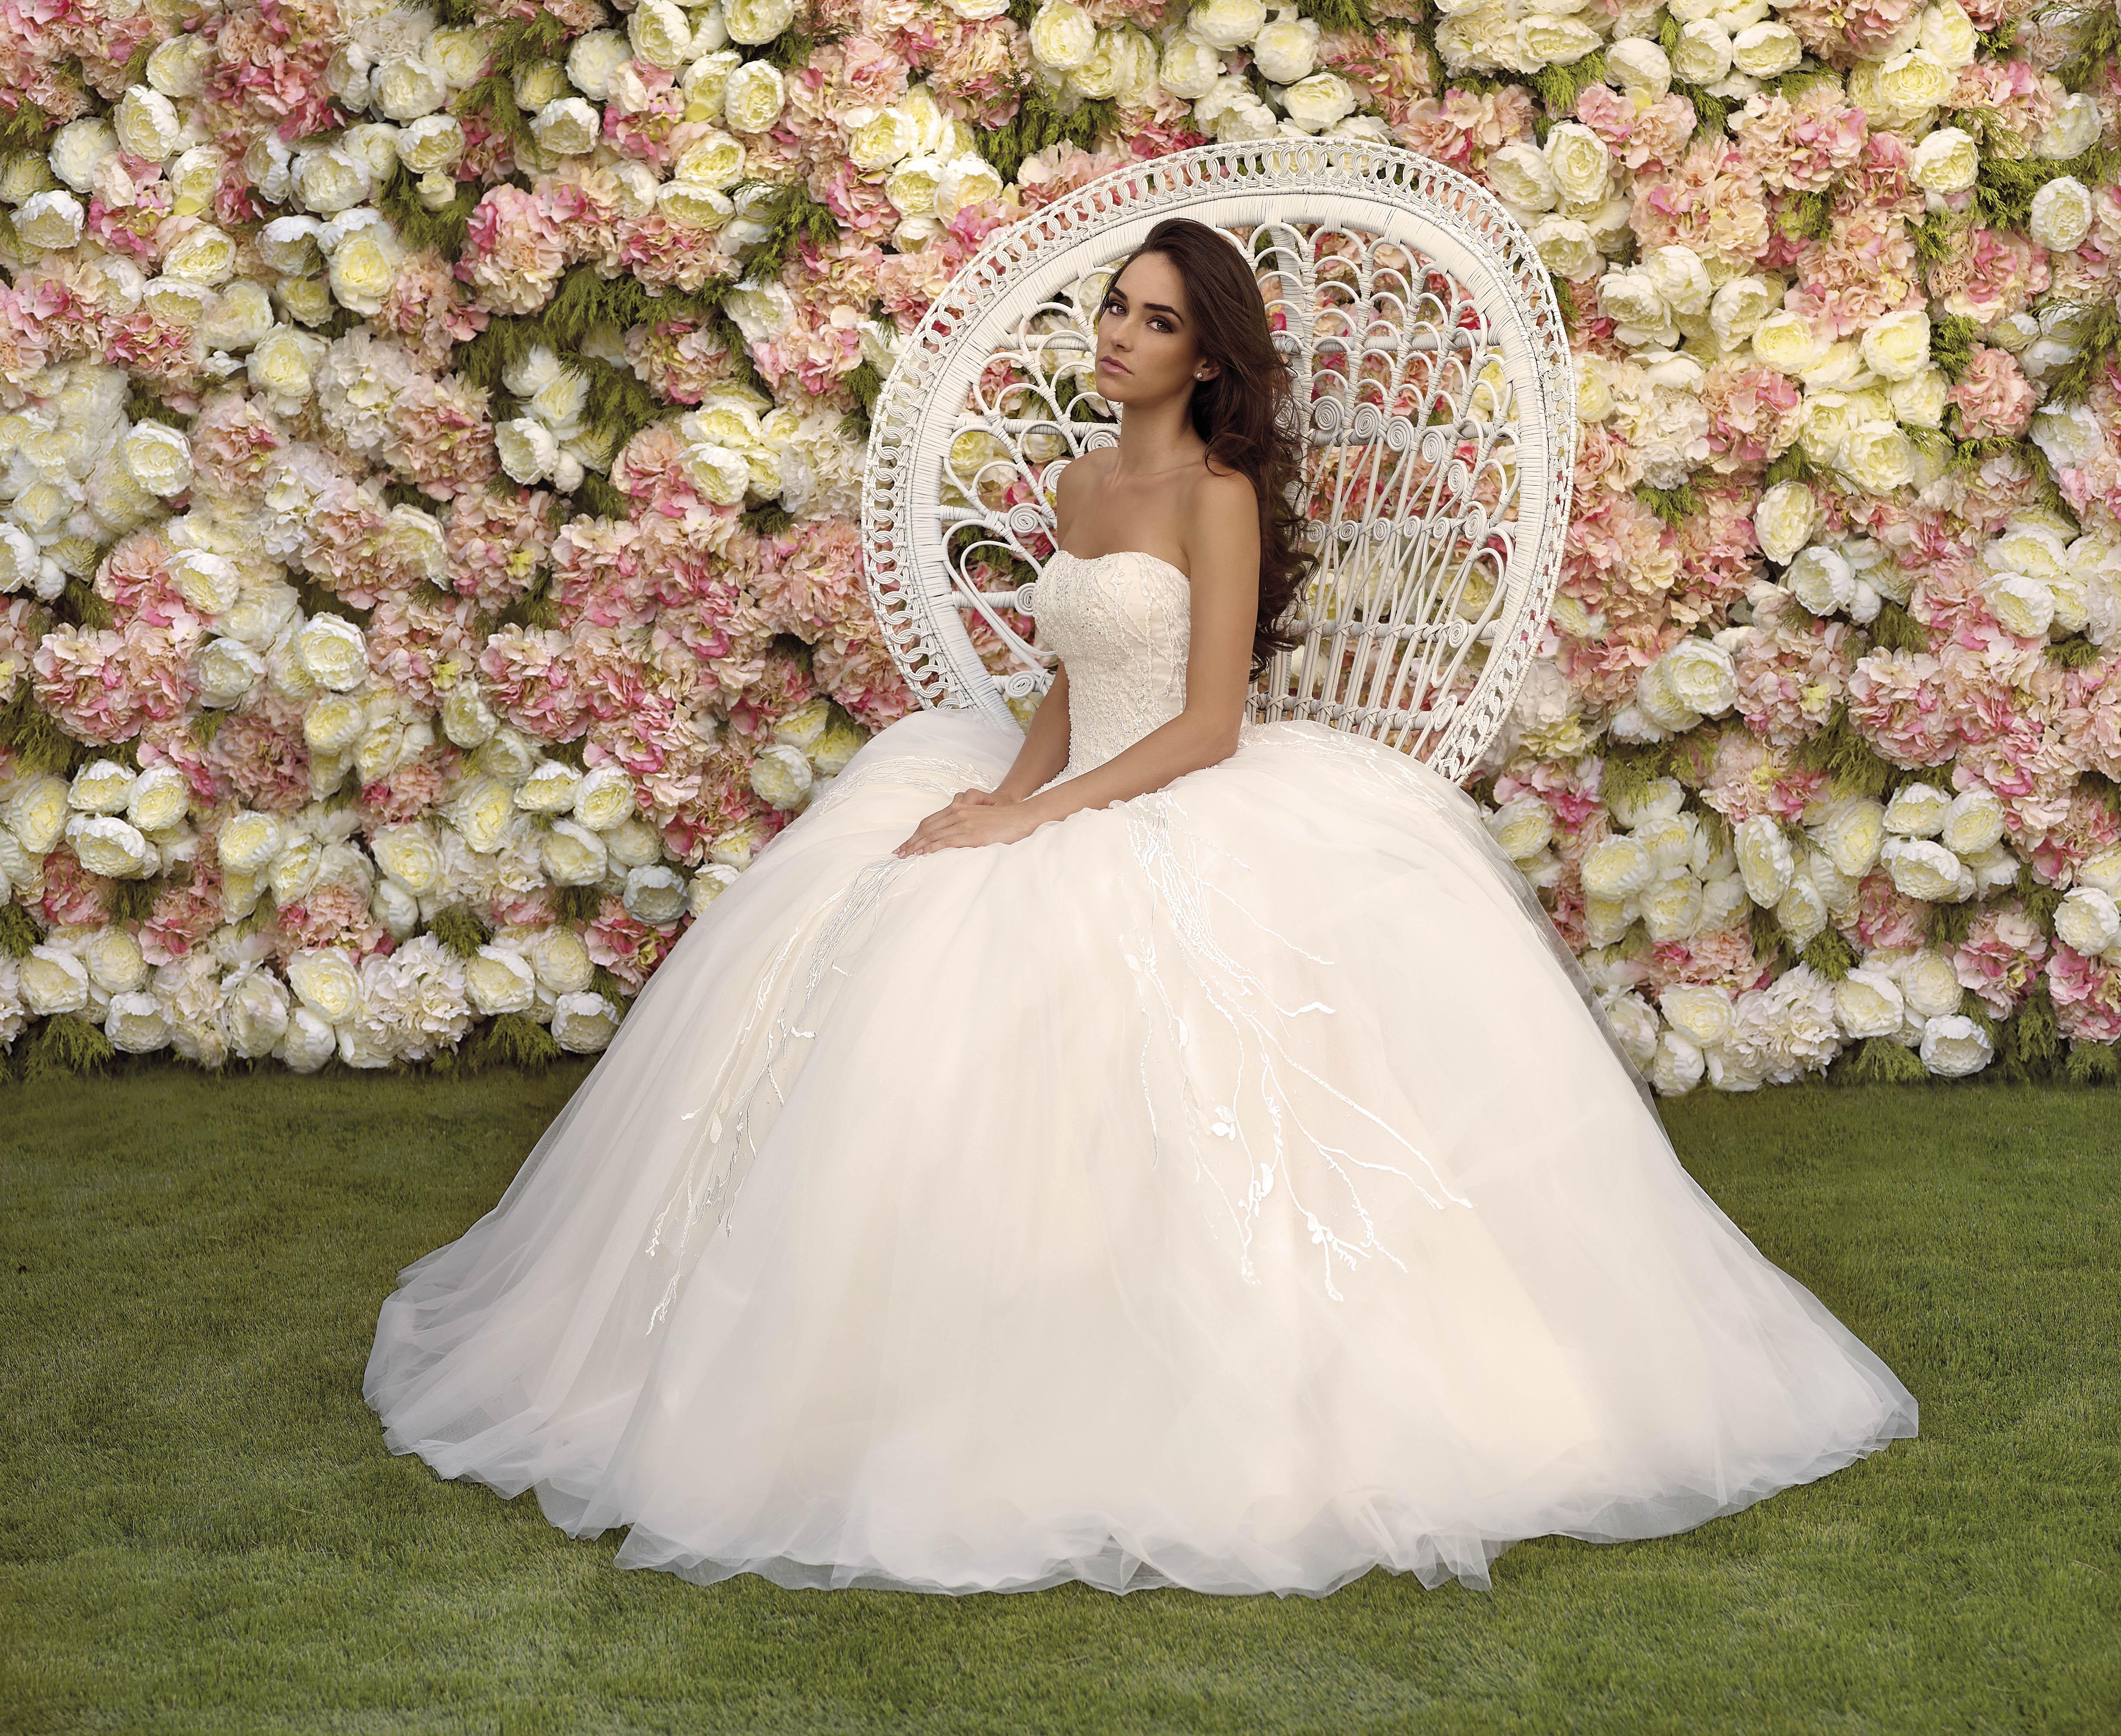 40c91a138 Tendencias de novia 2018  ¡A la moda en tu boda! - Vertize Gala Blog